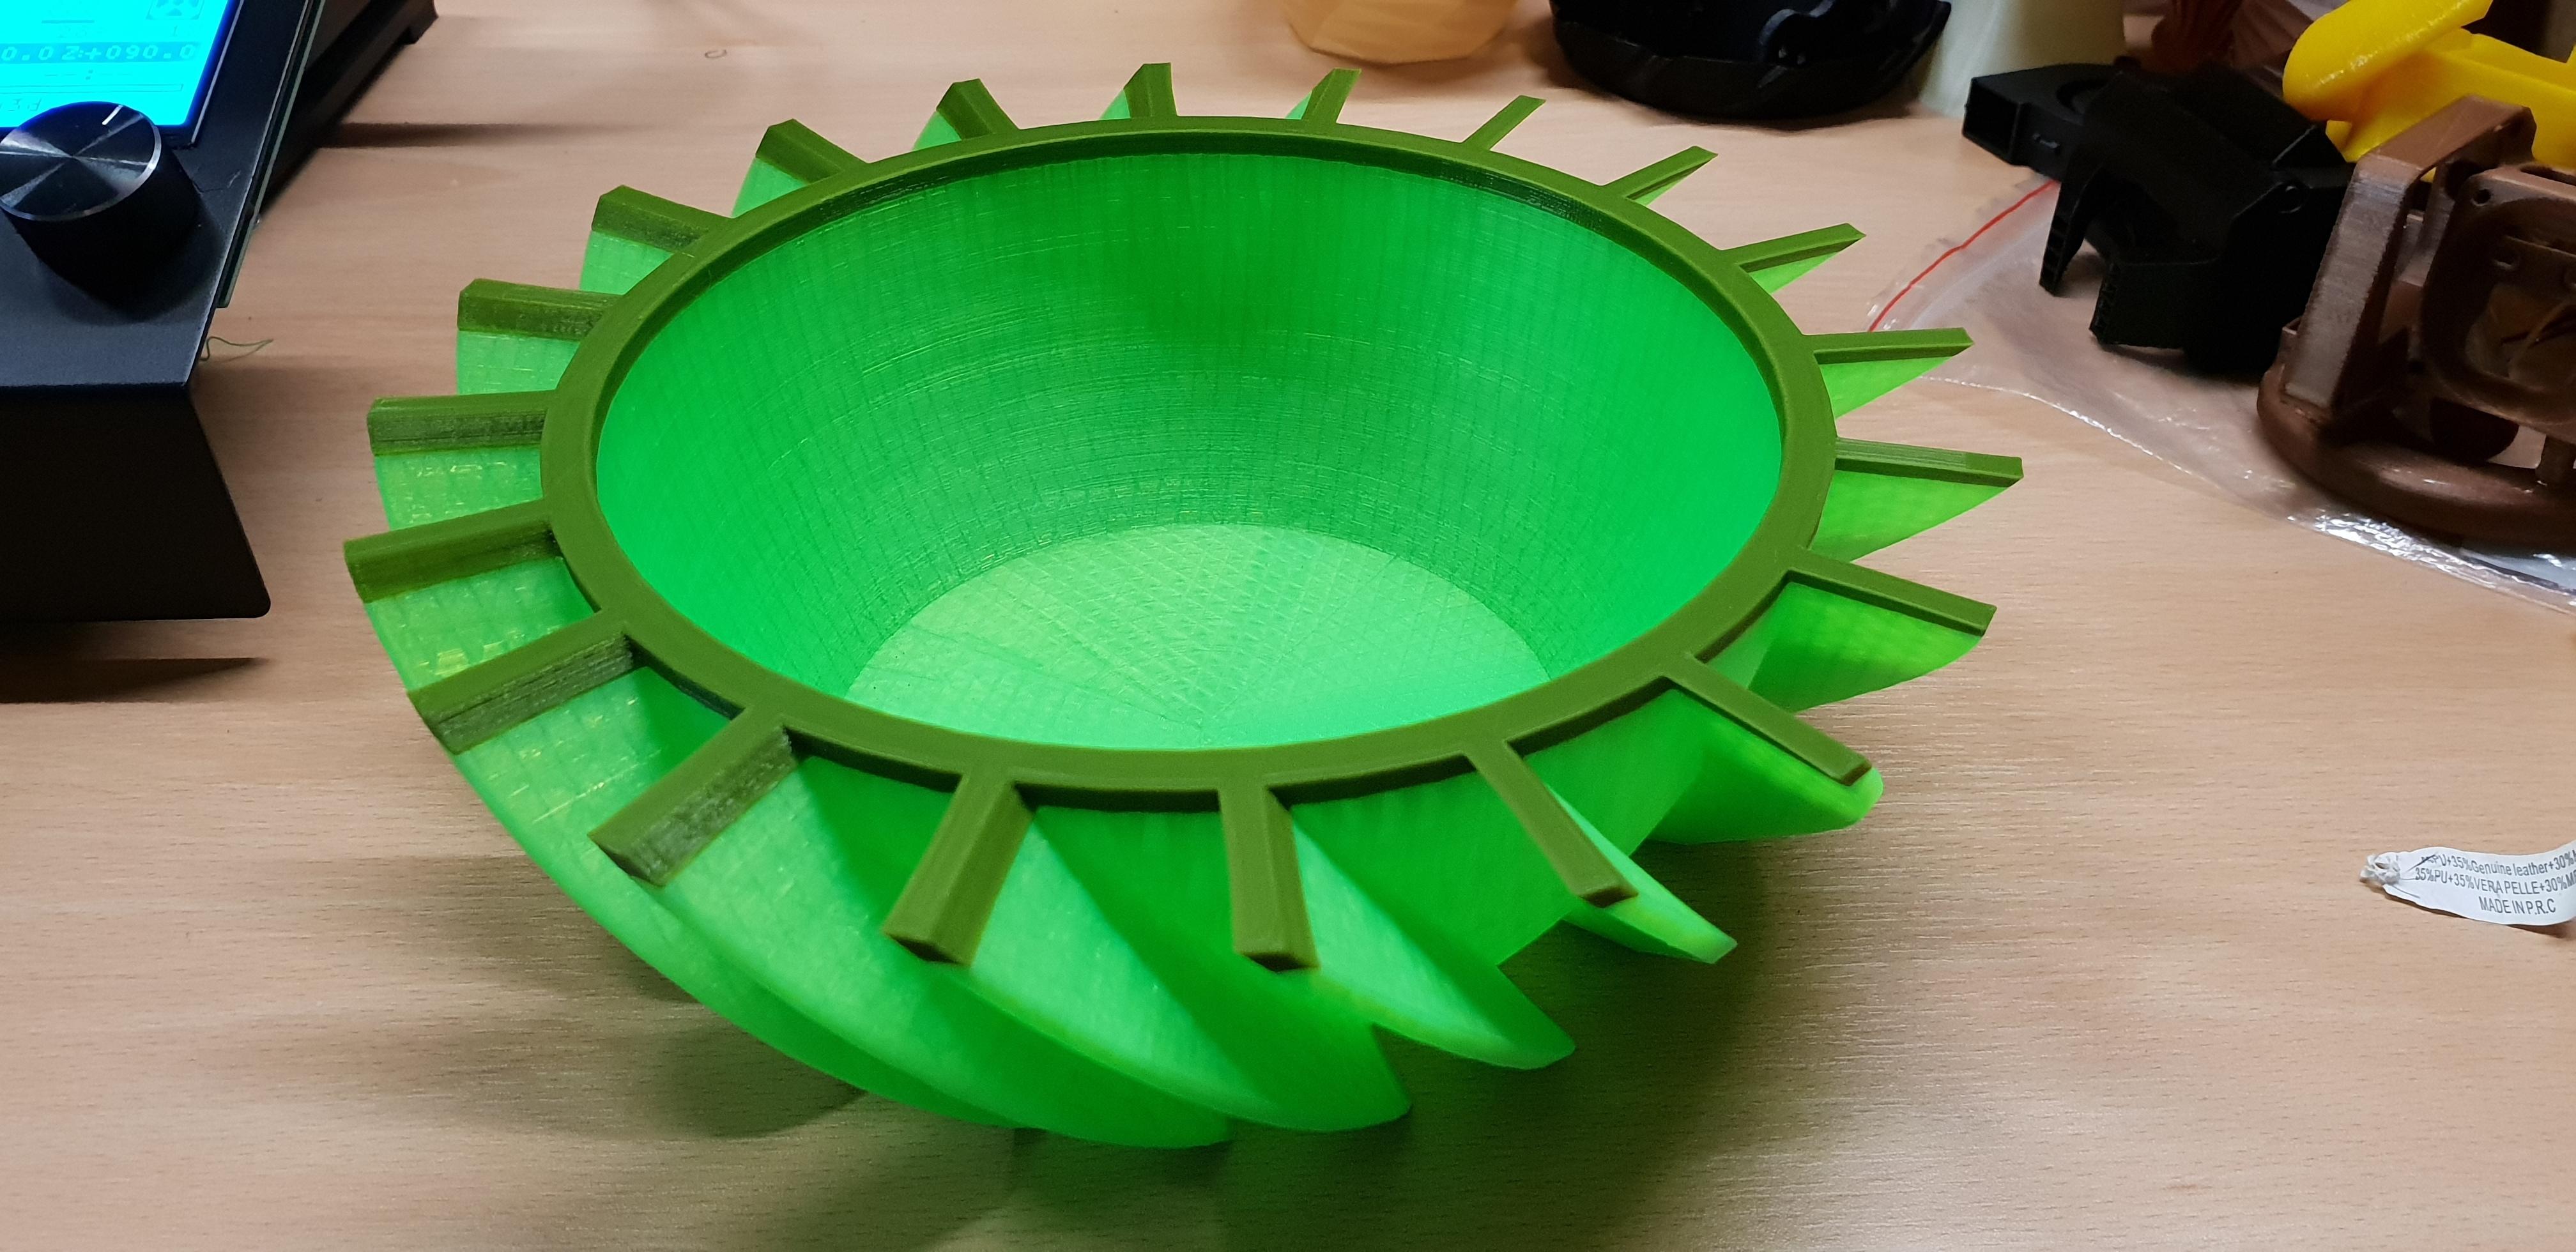 Fruit_Bowl1_1.jpg Download free STL file Fruit Bowl • 3D printable object, helmuteder